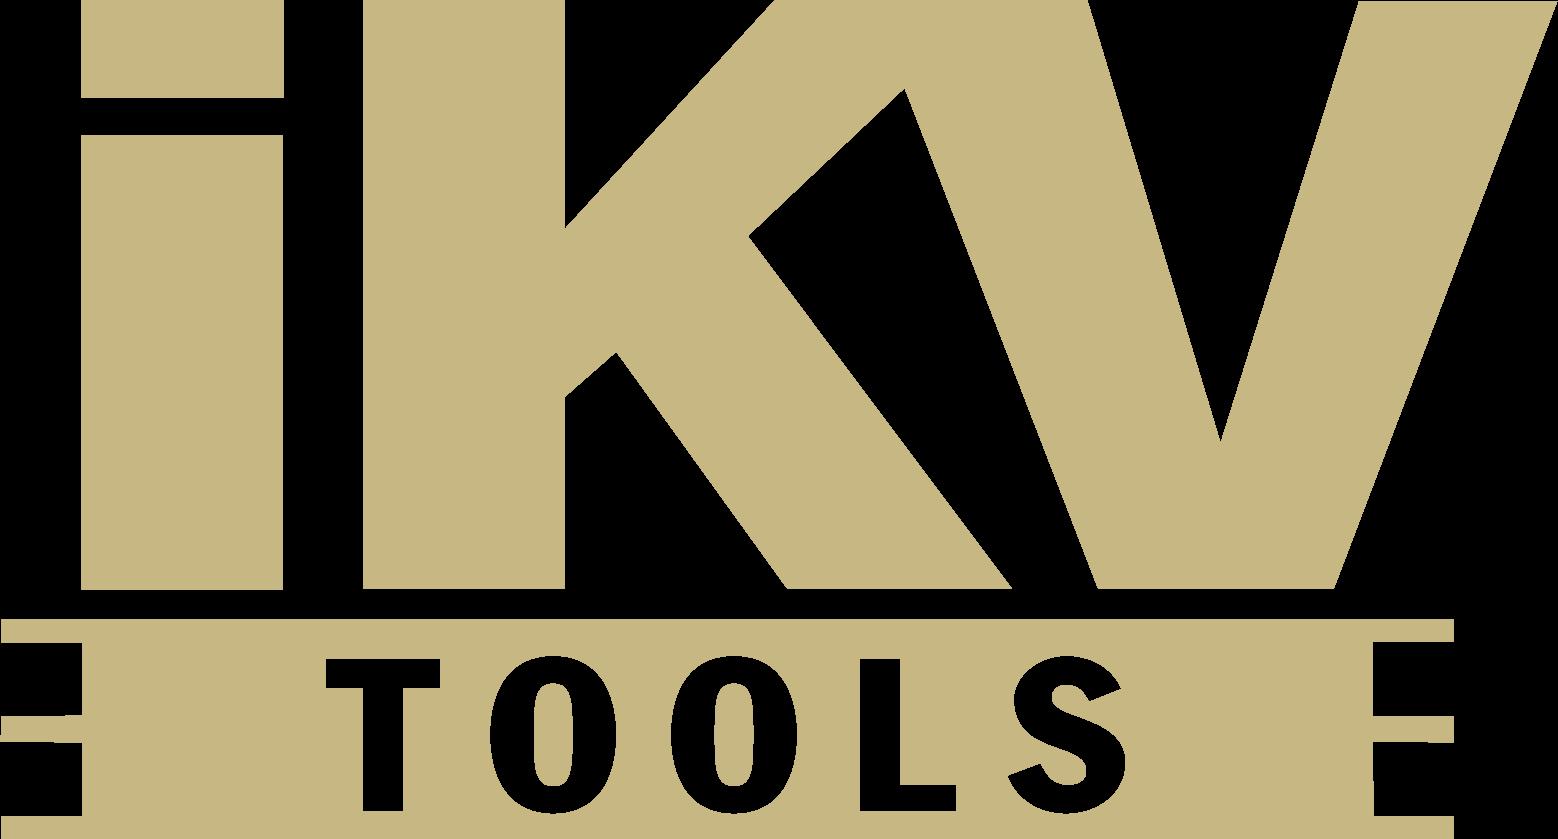 Innovativ Produktionstekniker till IKV Tools AB i Forsheda